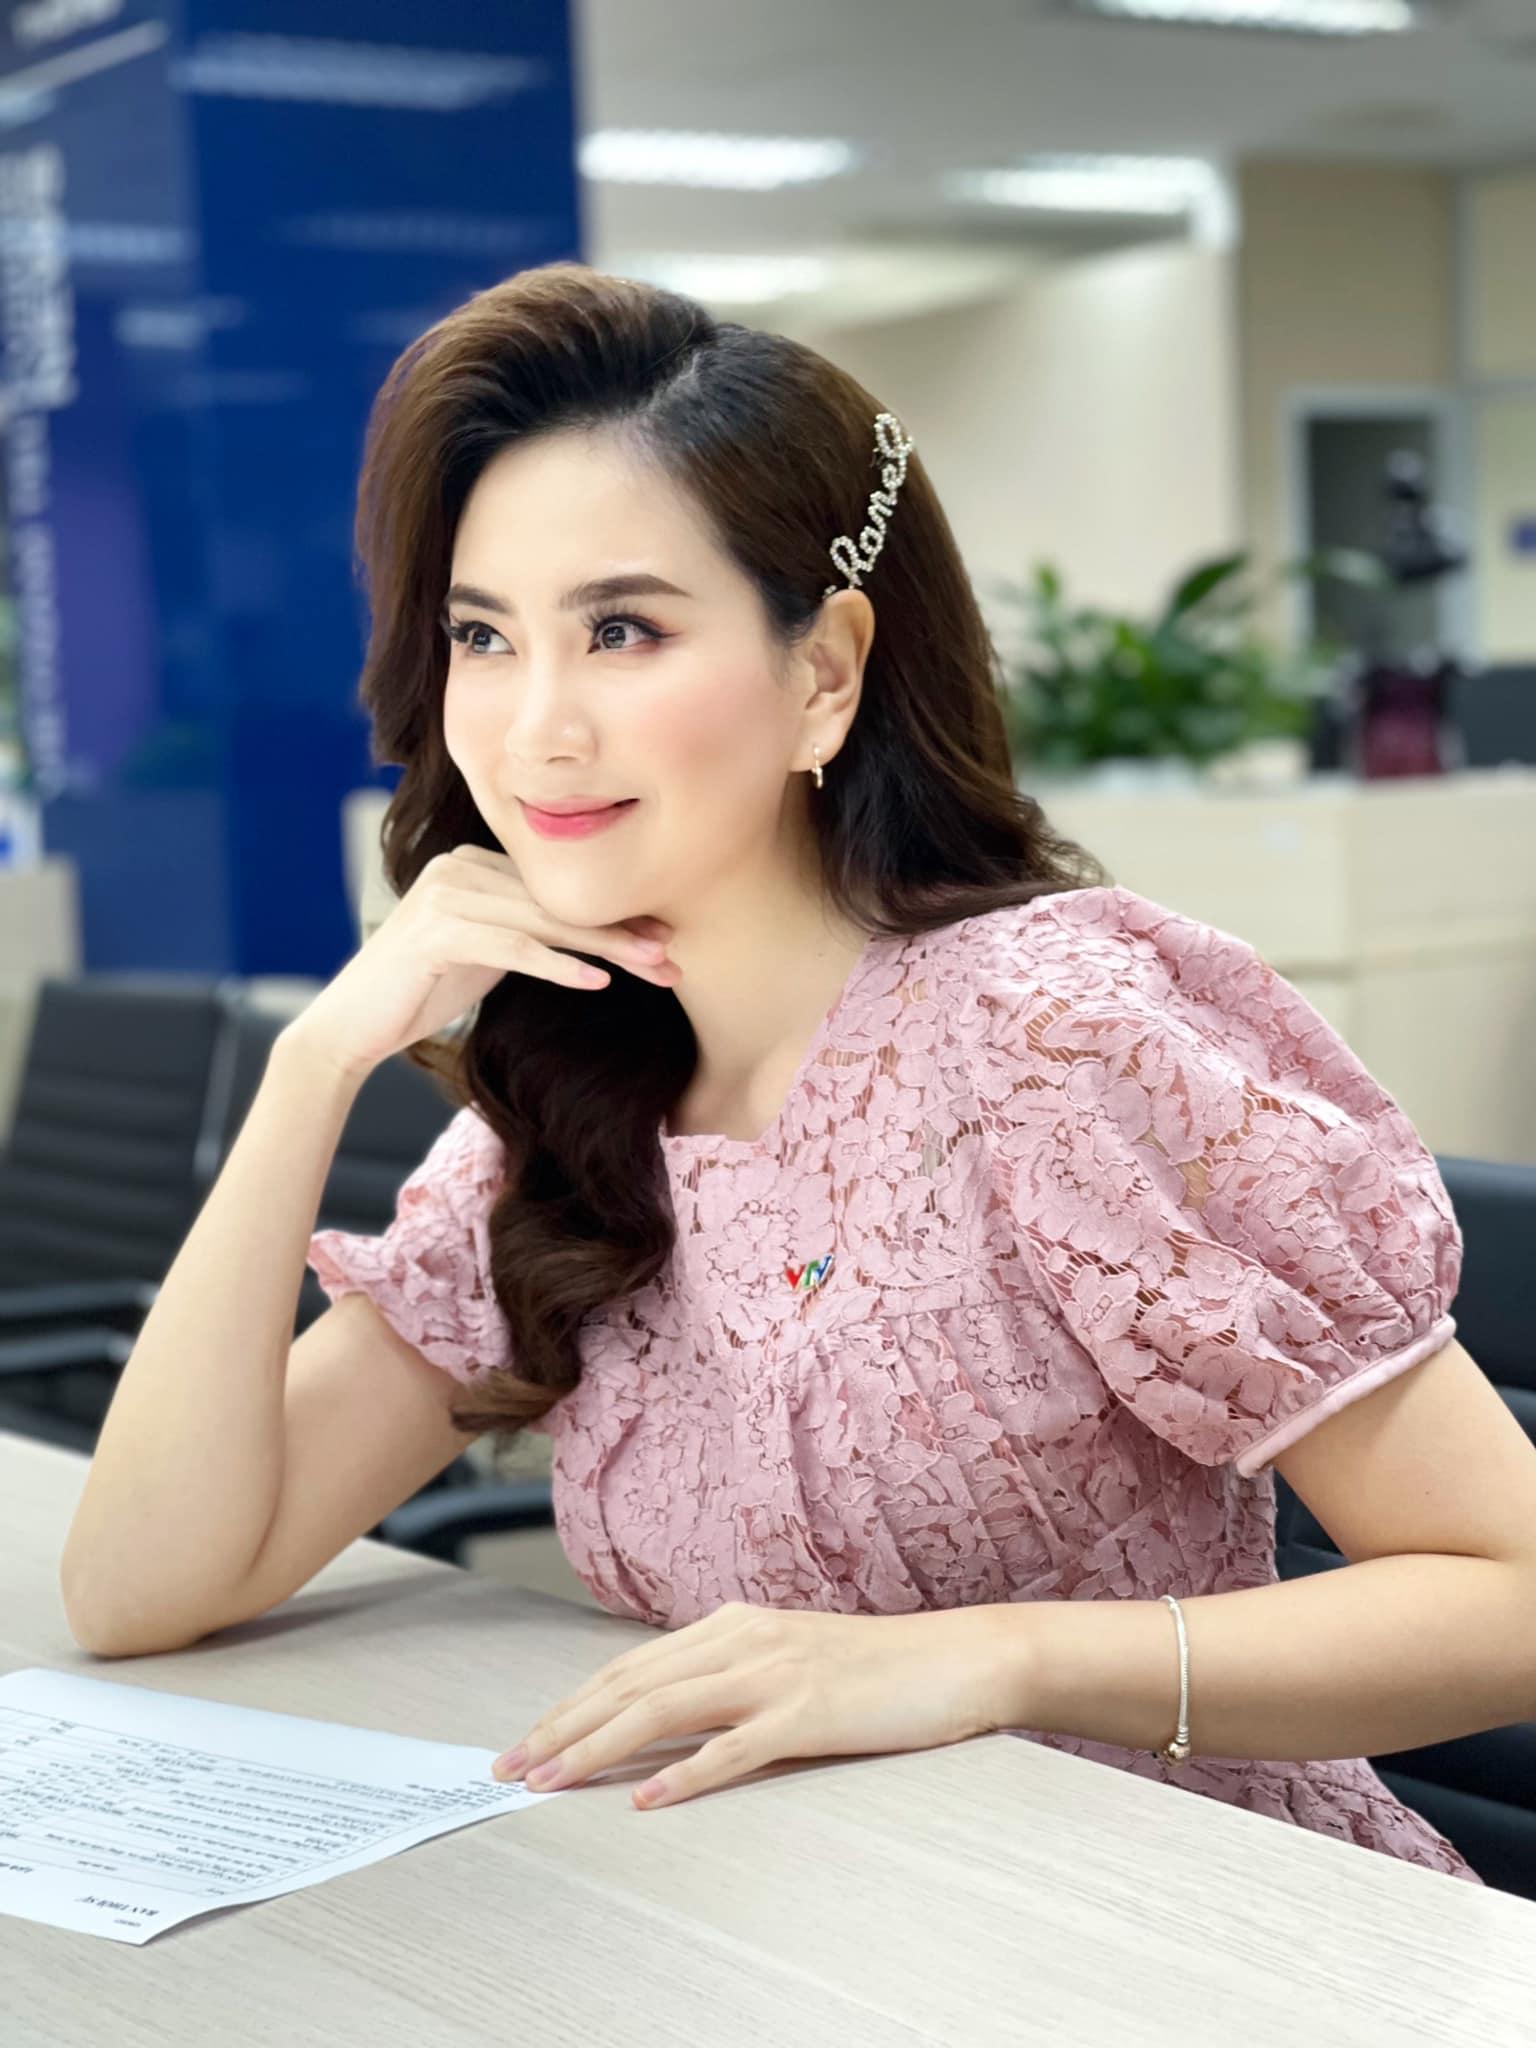 MC Mai Ngọc: Ưu điểm nhan sắc và khuyết điểm makeup nên cẩn trọng khi học theo - Ảnh 10.